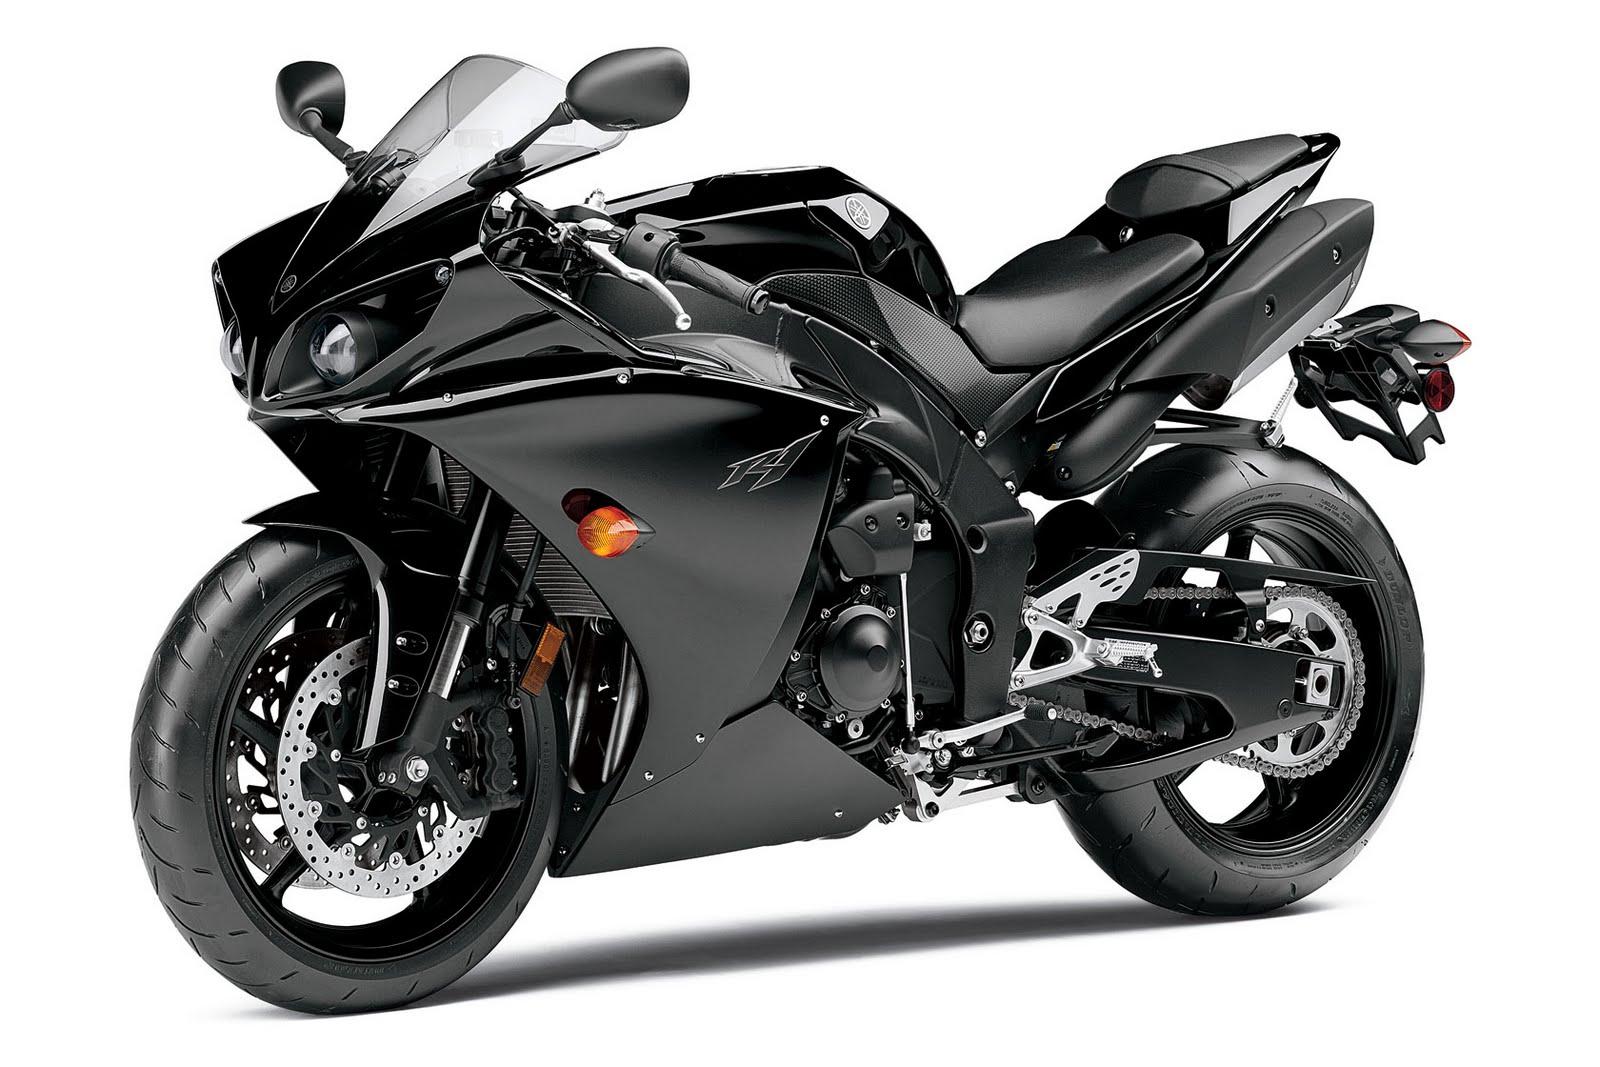 Gambar motor sport yamaha terbaru 2011